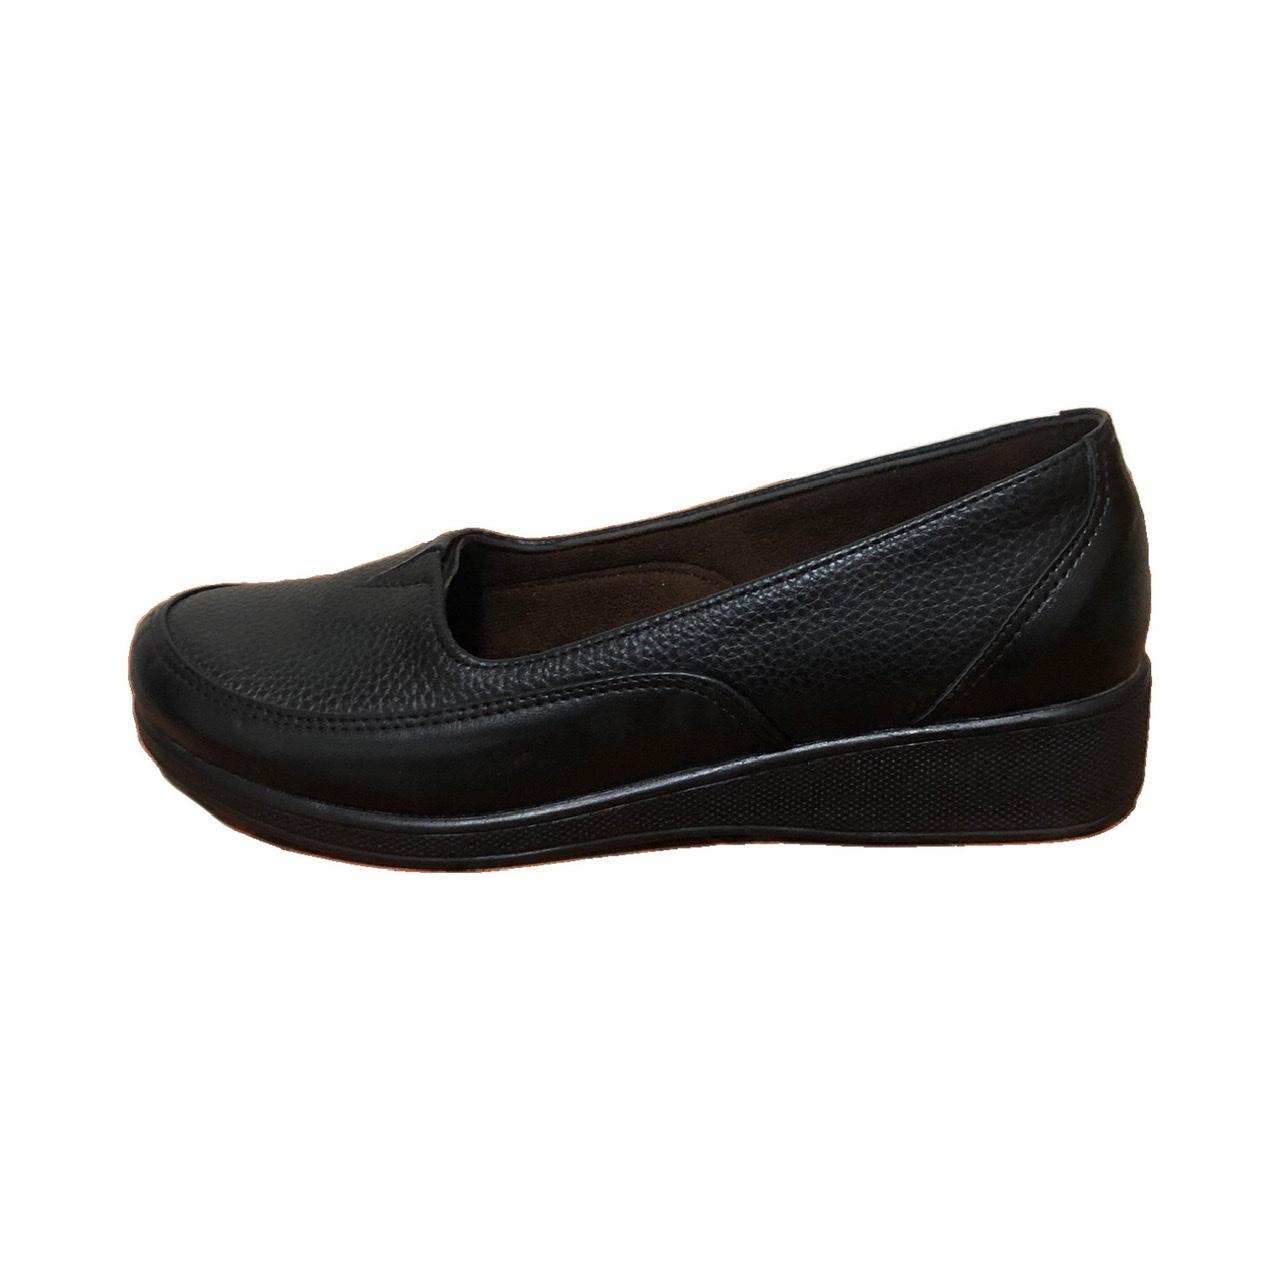 کفش تخت زنانه کد 58000